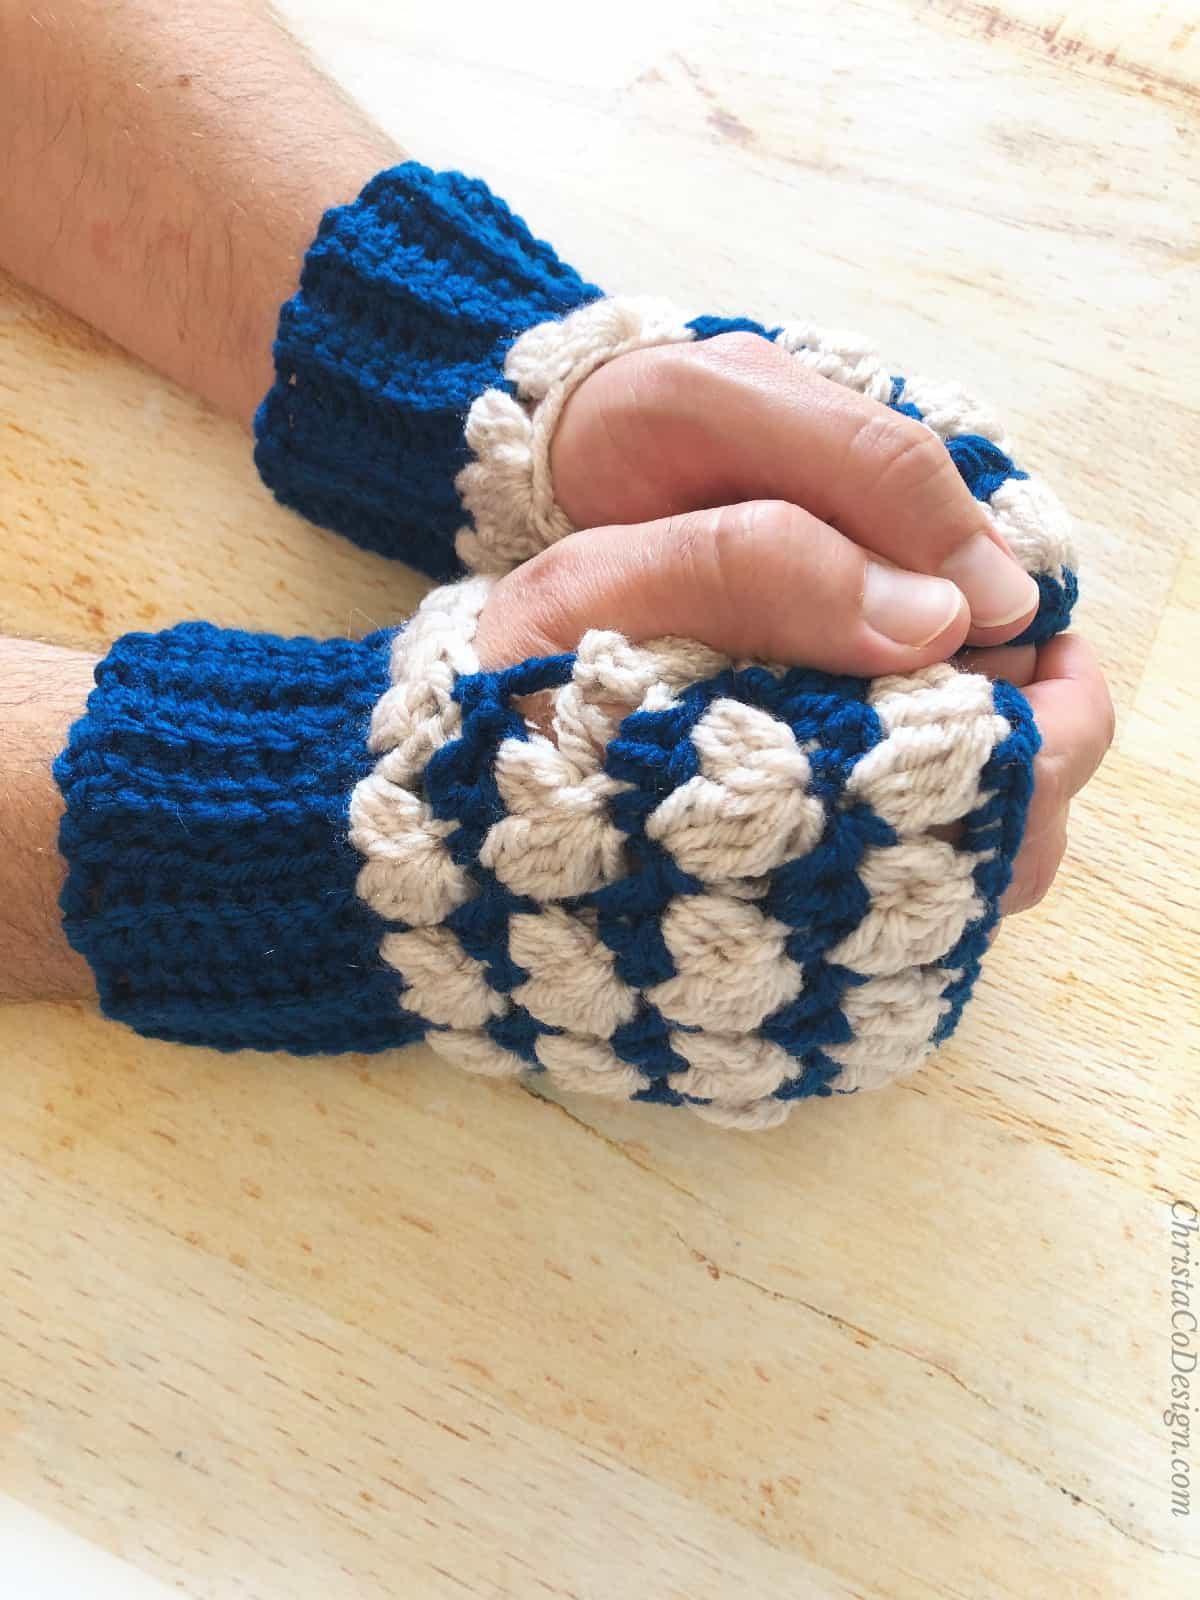 Man's hands in blue and cream crochet fingerless gloves.